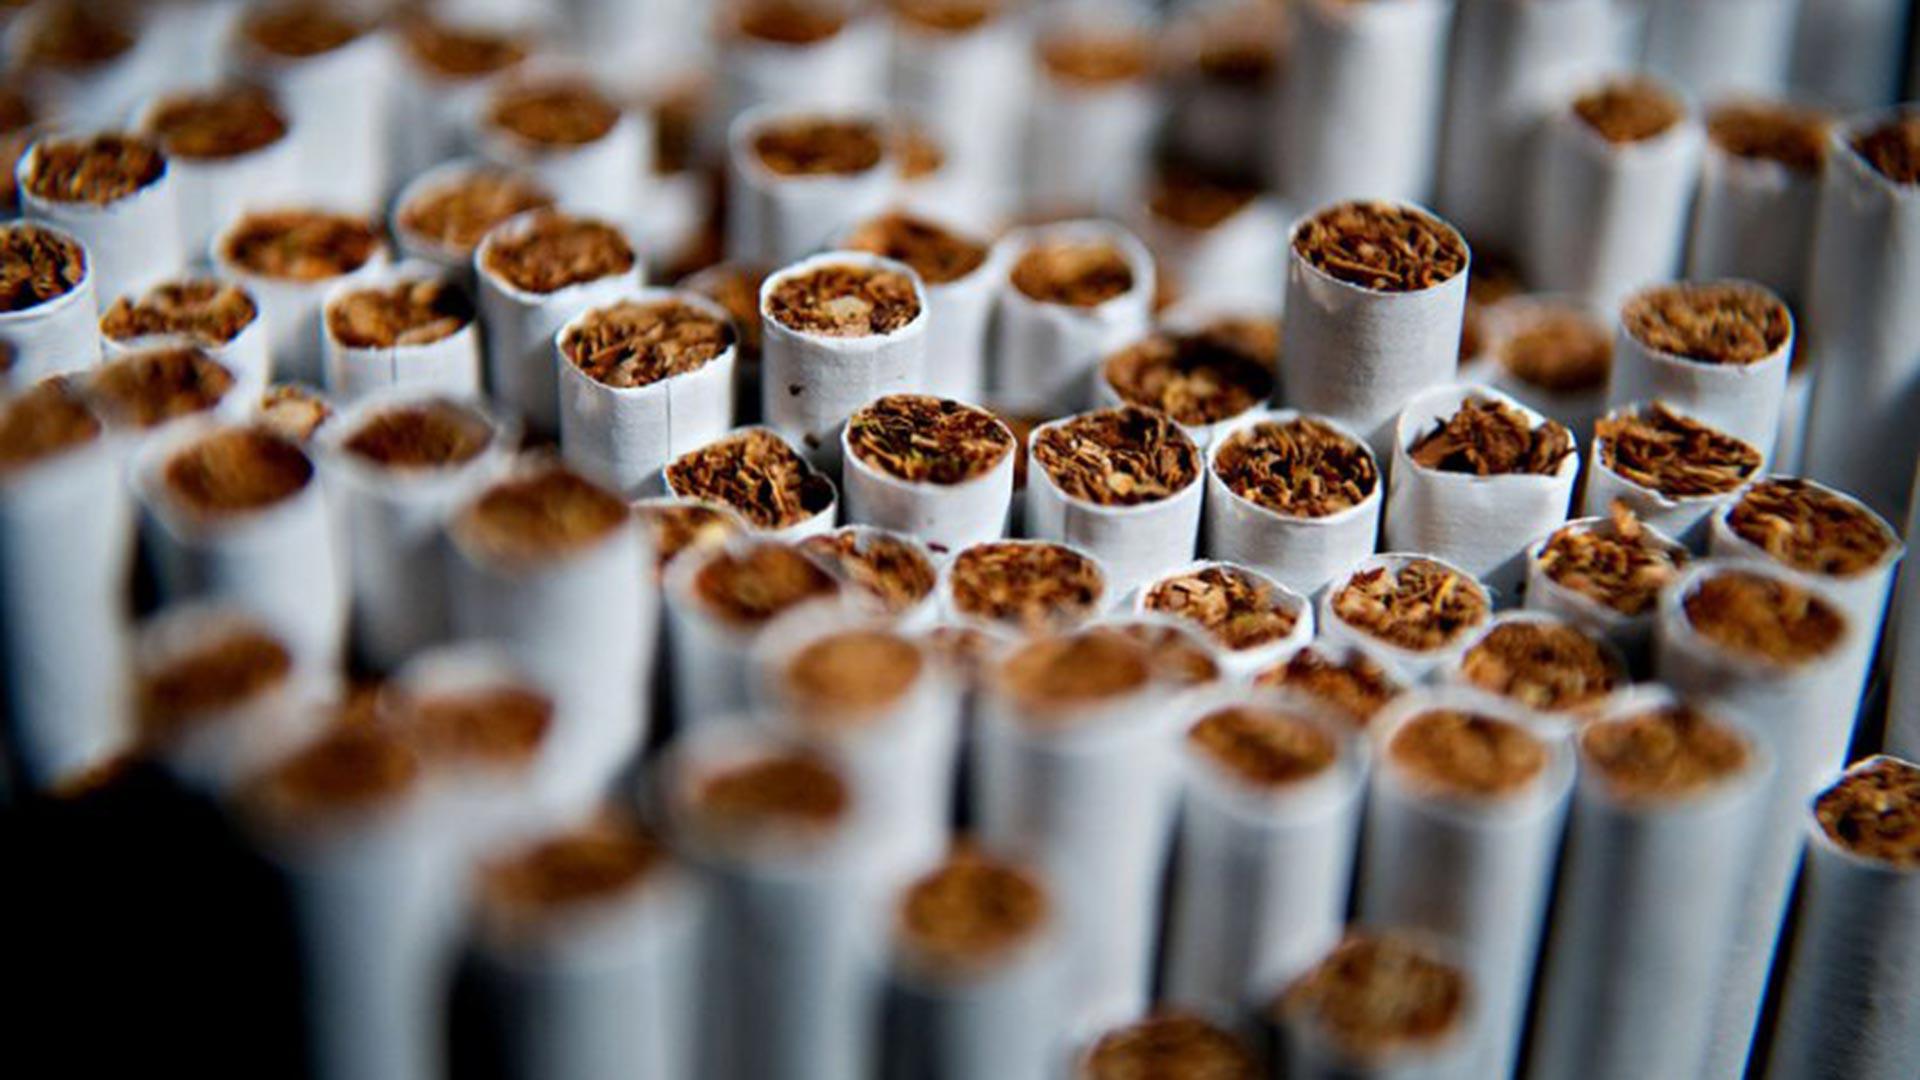 Aumente el costo de los cigarrillos: aquí están todos los detalles